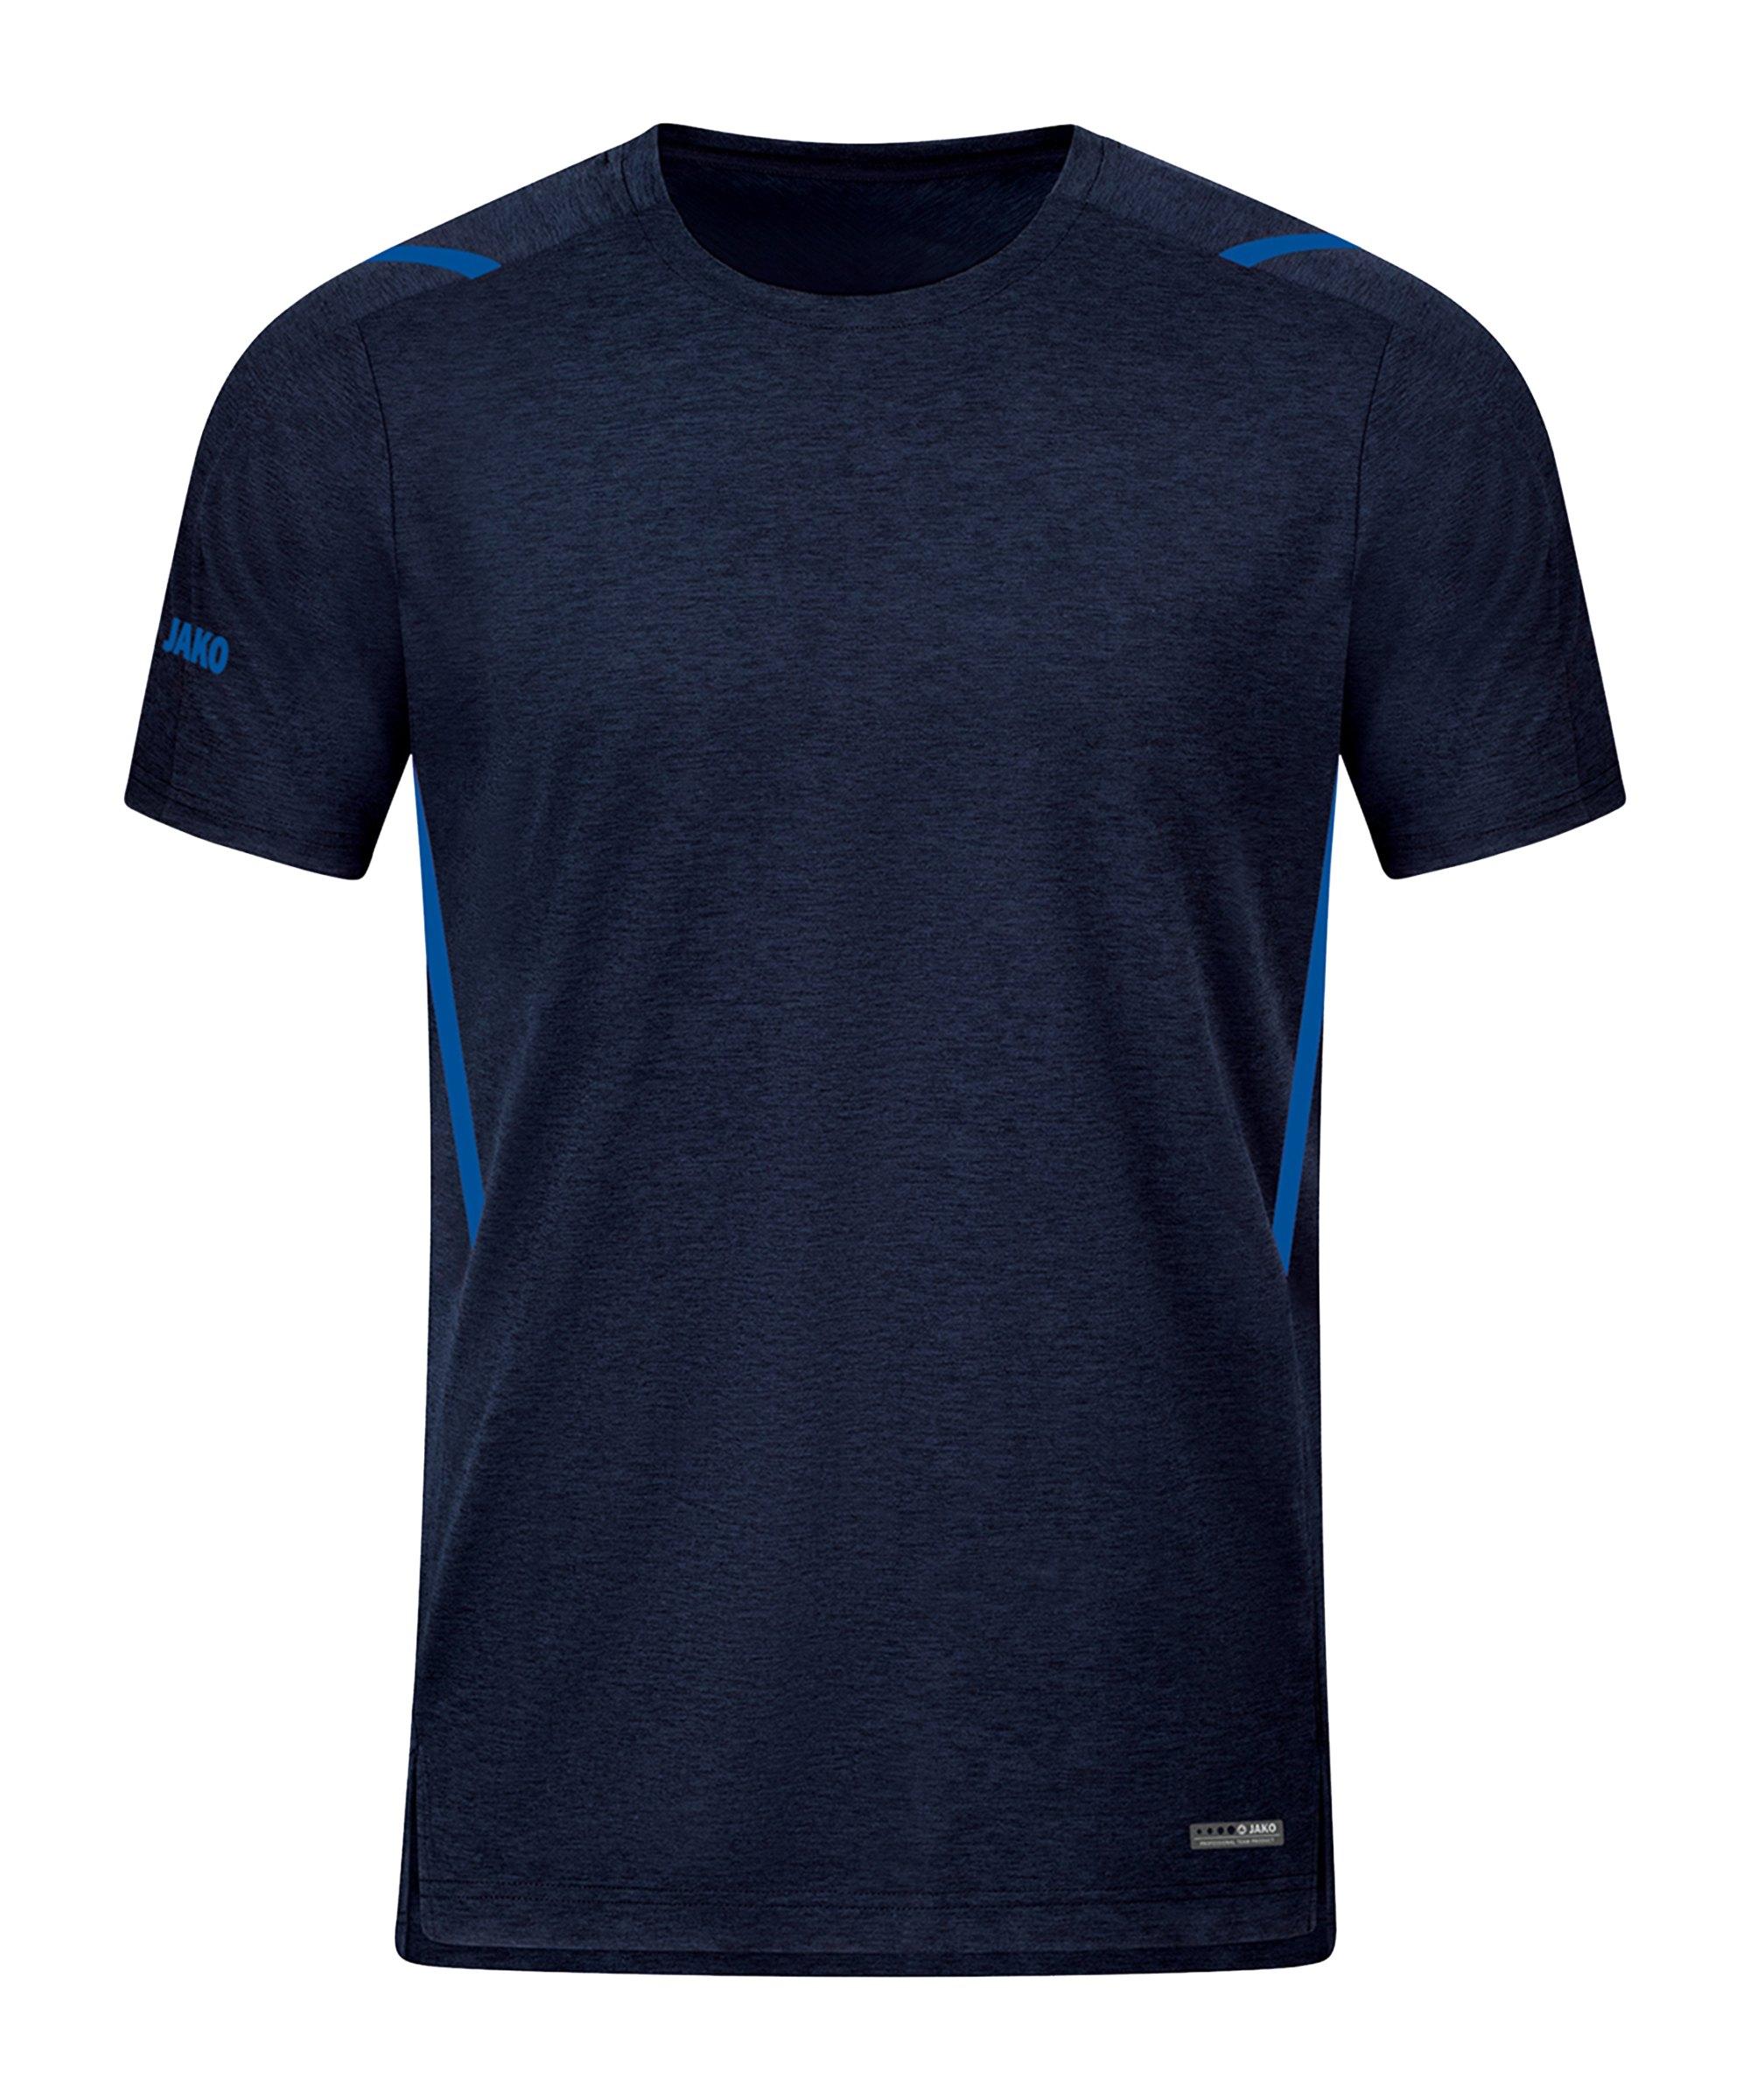 JAKO Challenge Freizeit T-Shirt Blau F511 - blau